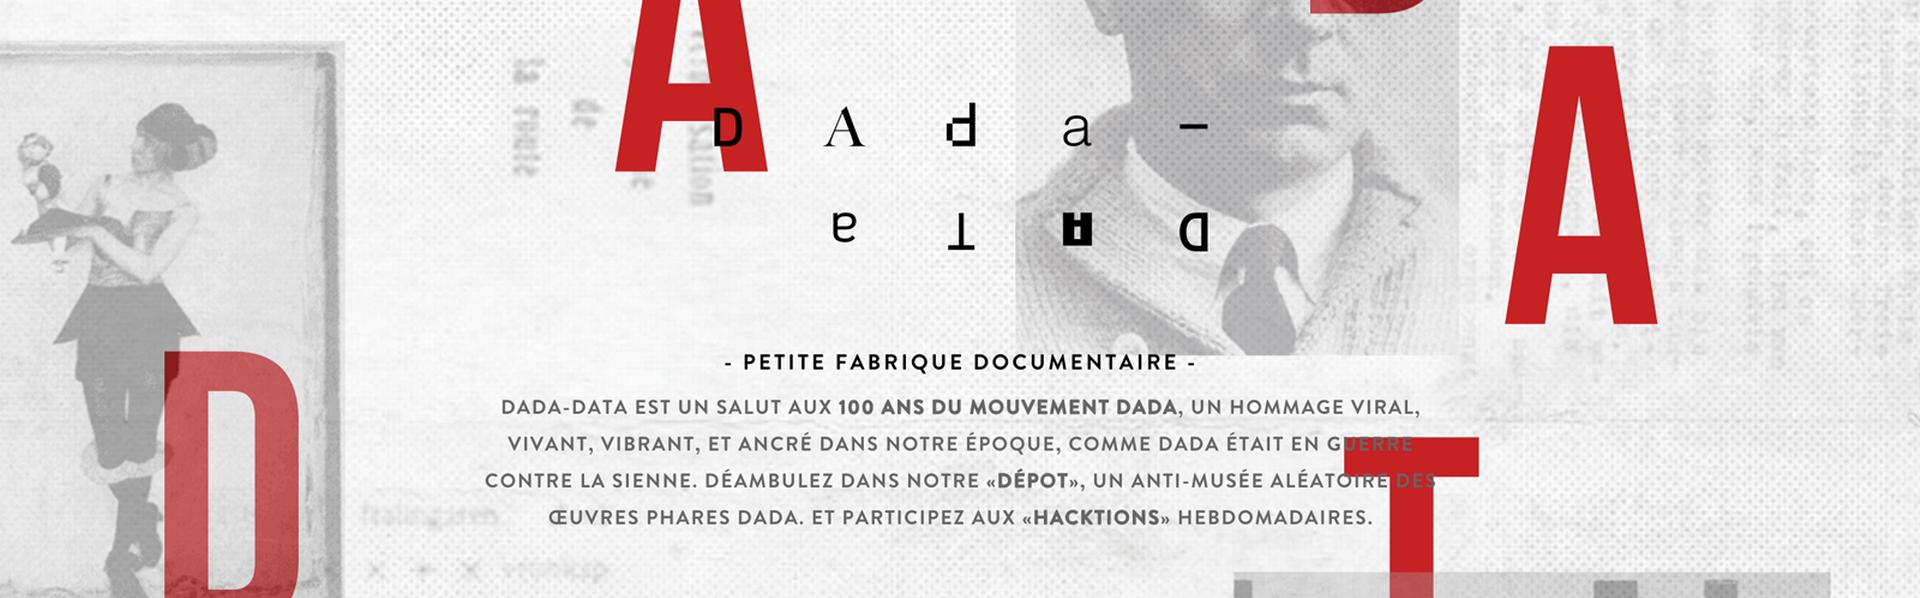 Dada vaincra! Un dossier RTS Découverte [http://www.dada-data.net/fr/]